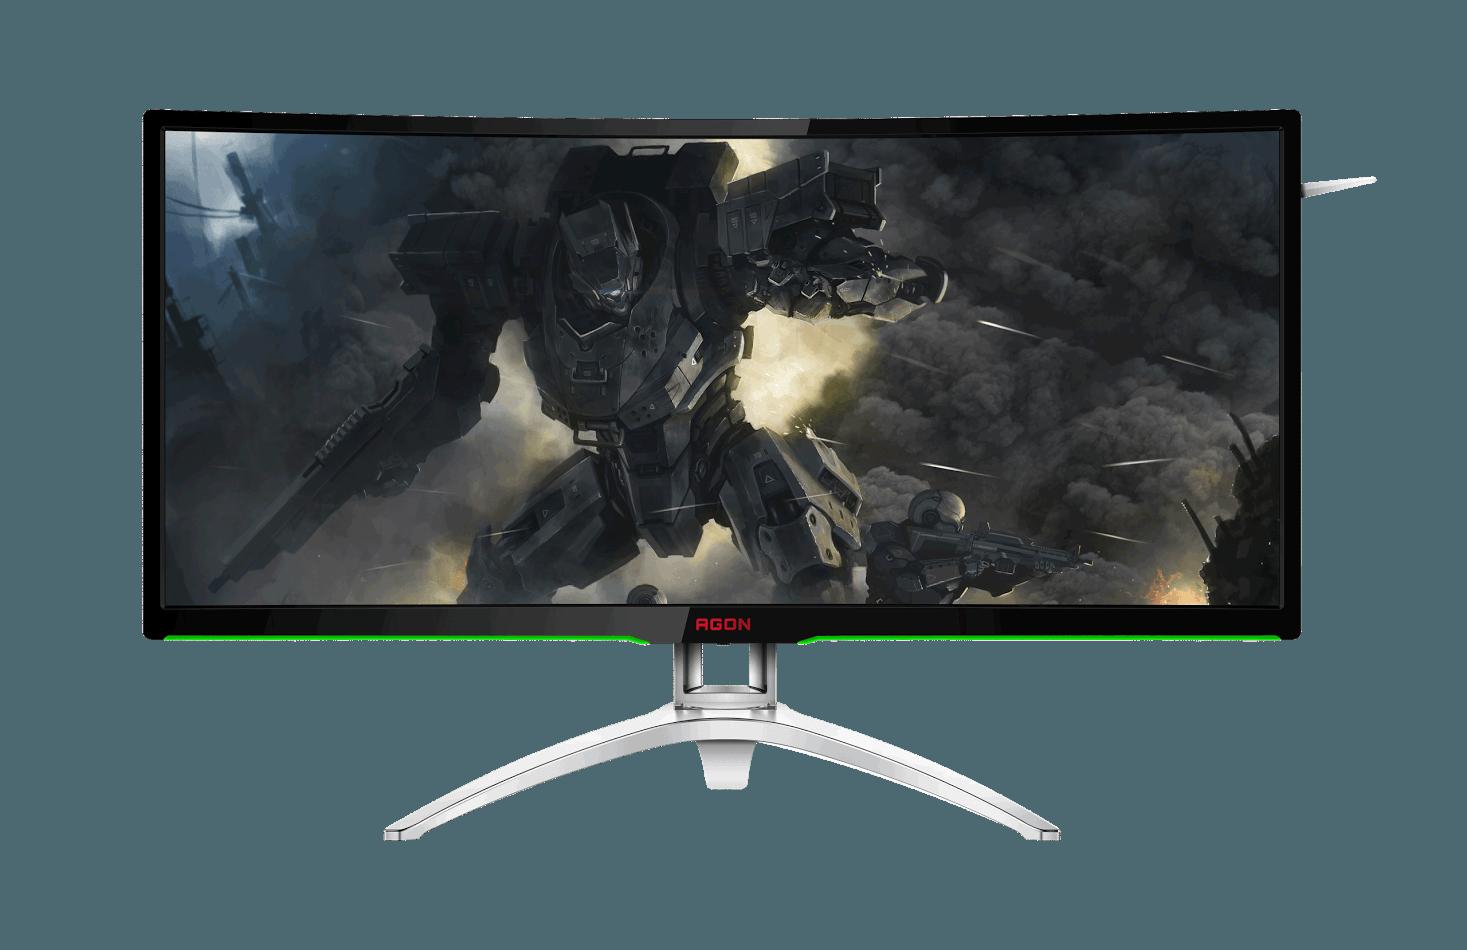 AOC lanza un monitor AGON  de 240Hz y con G-SYNC en la Gamescom 2017